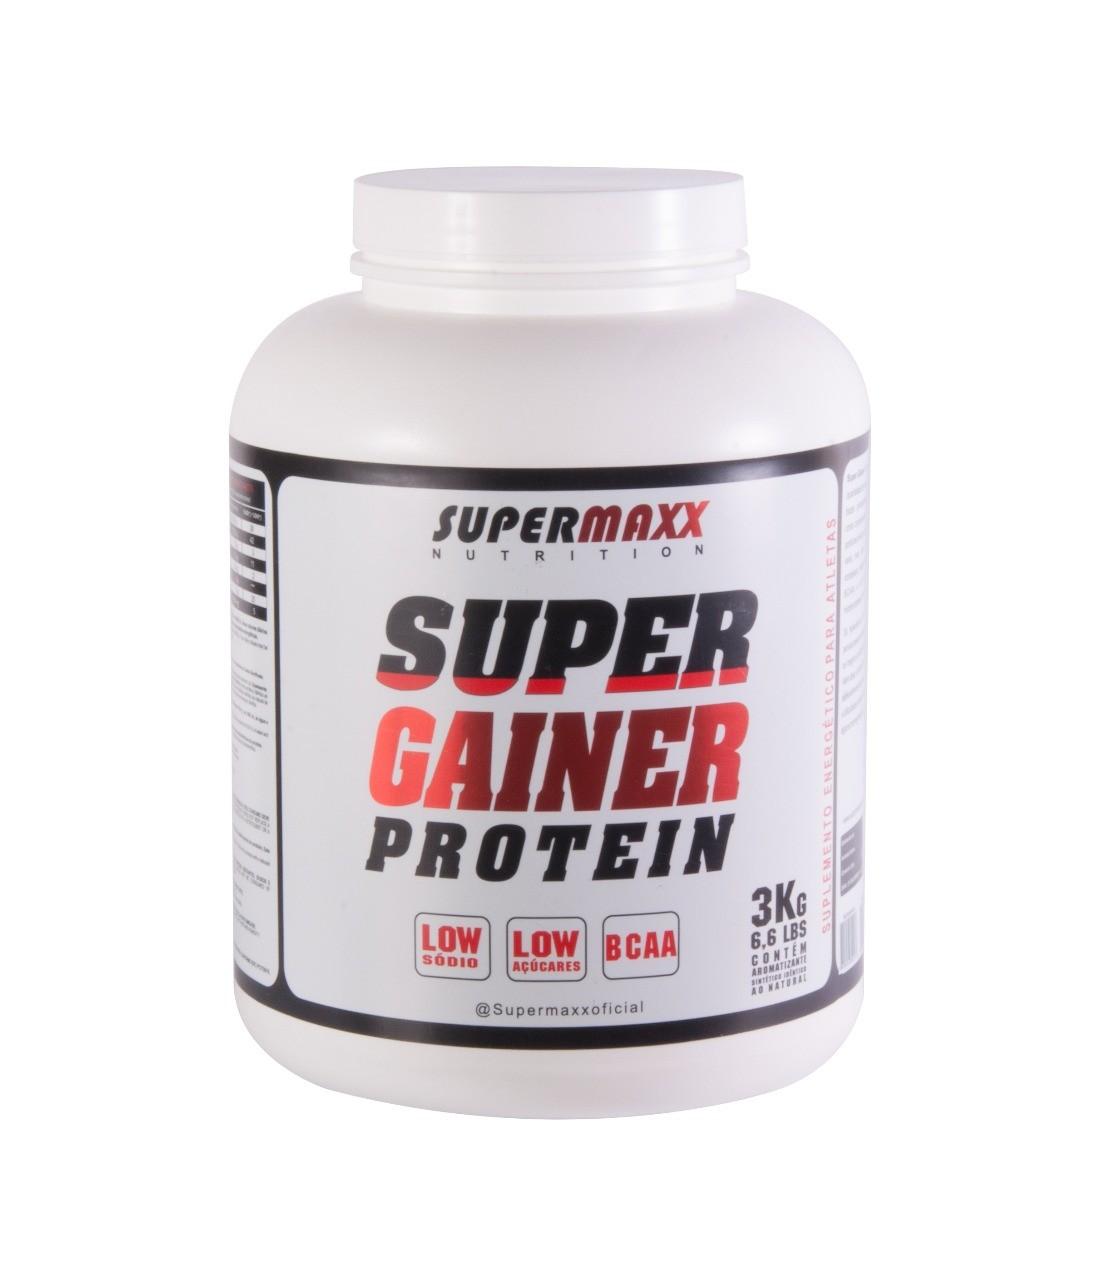 Foto 1 - Super Gainer Protein 3Kg SuperMaxx